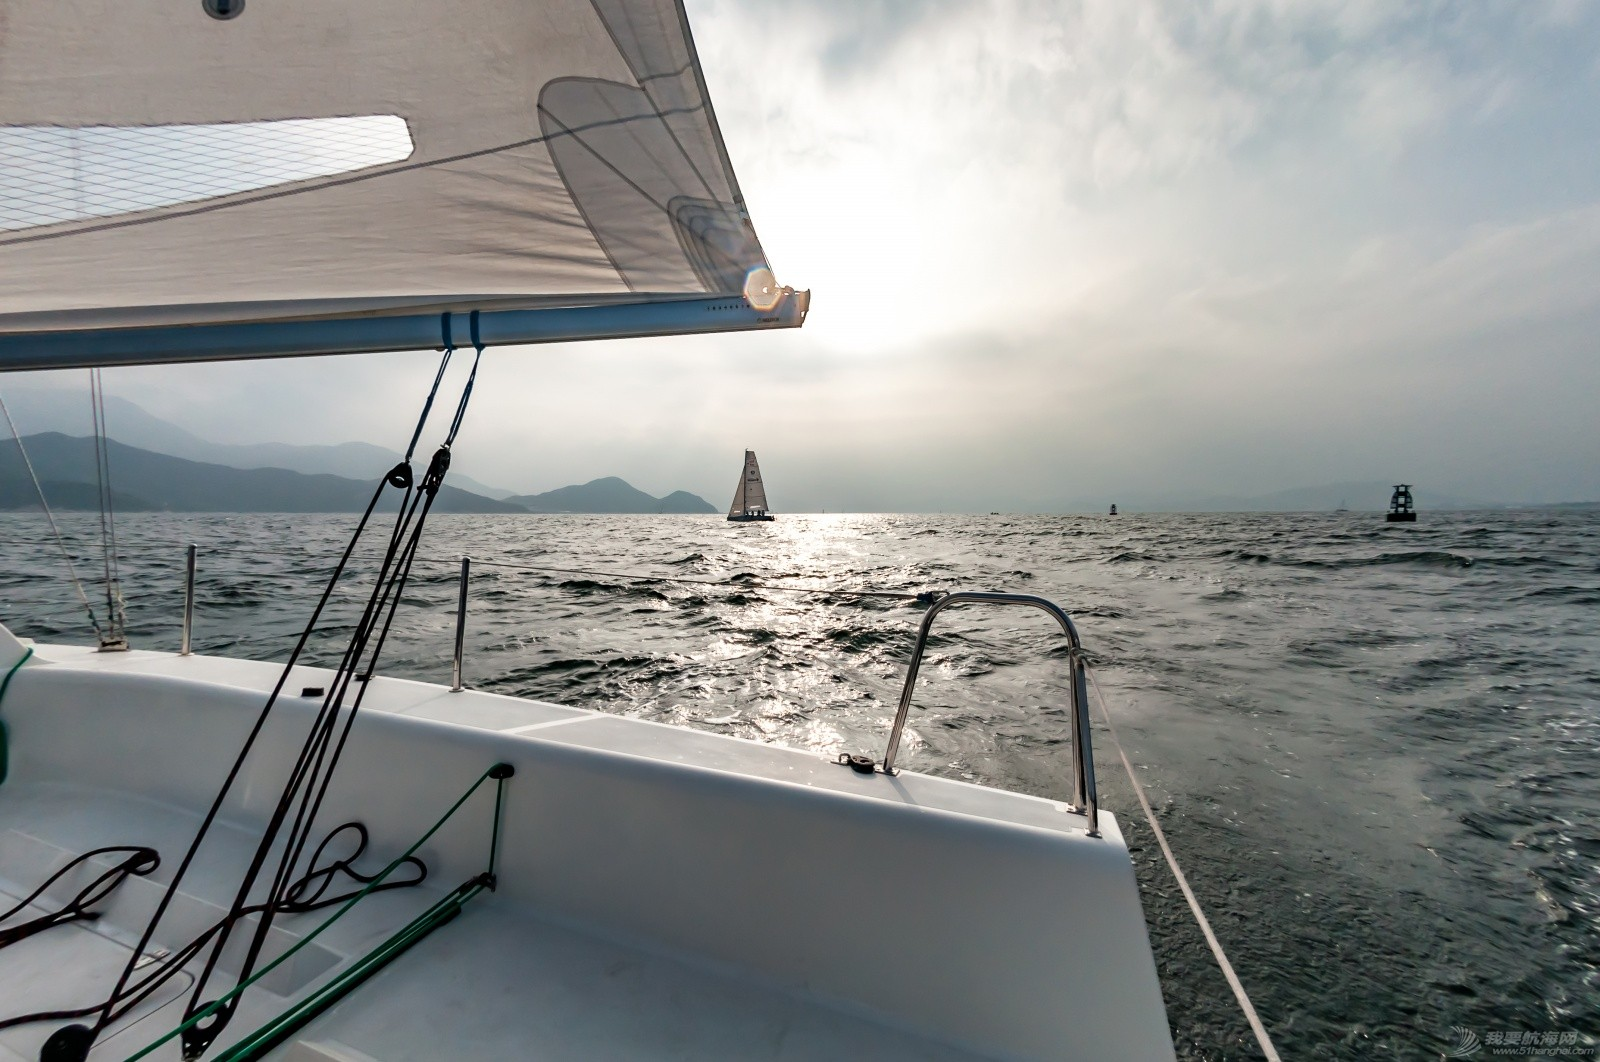 帆船 【2015大鹏杯帆船赛】鱼眼看航海 16009.jpg